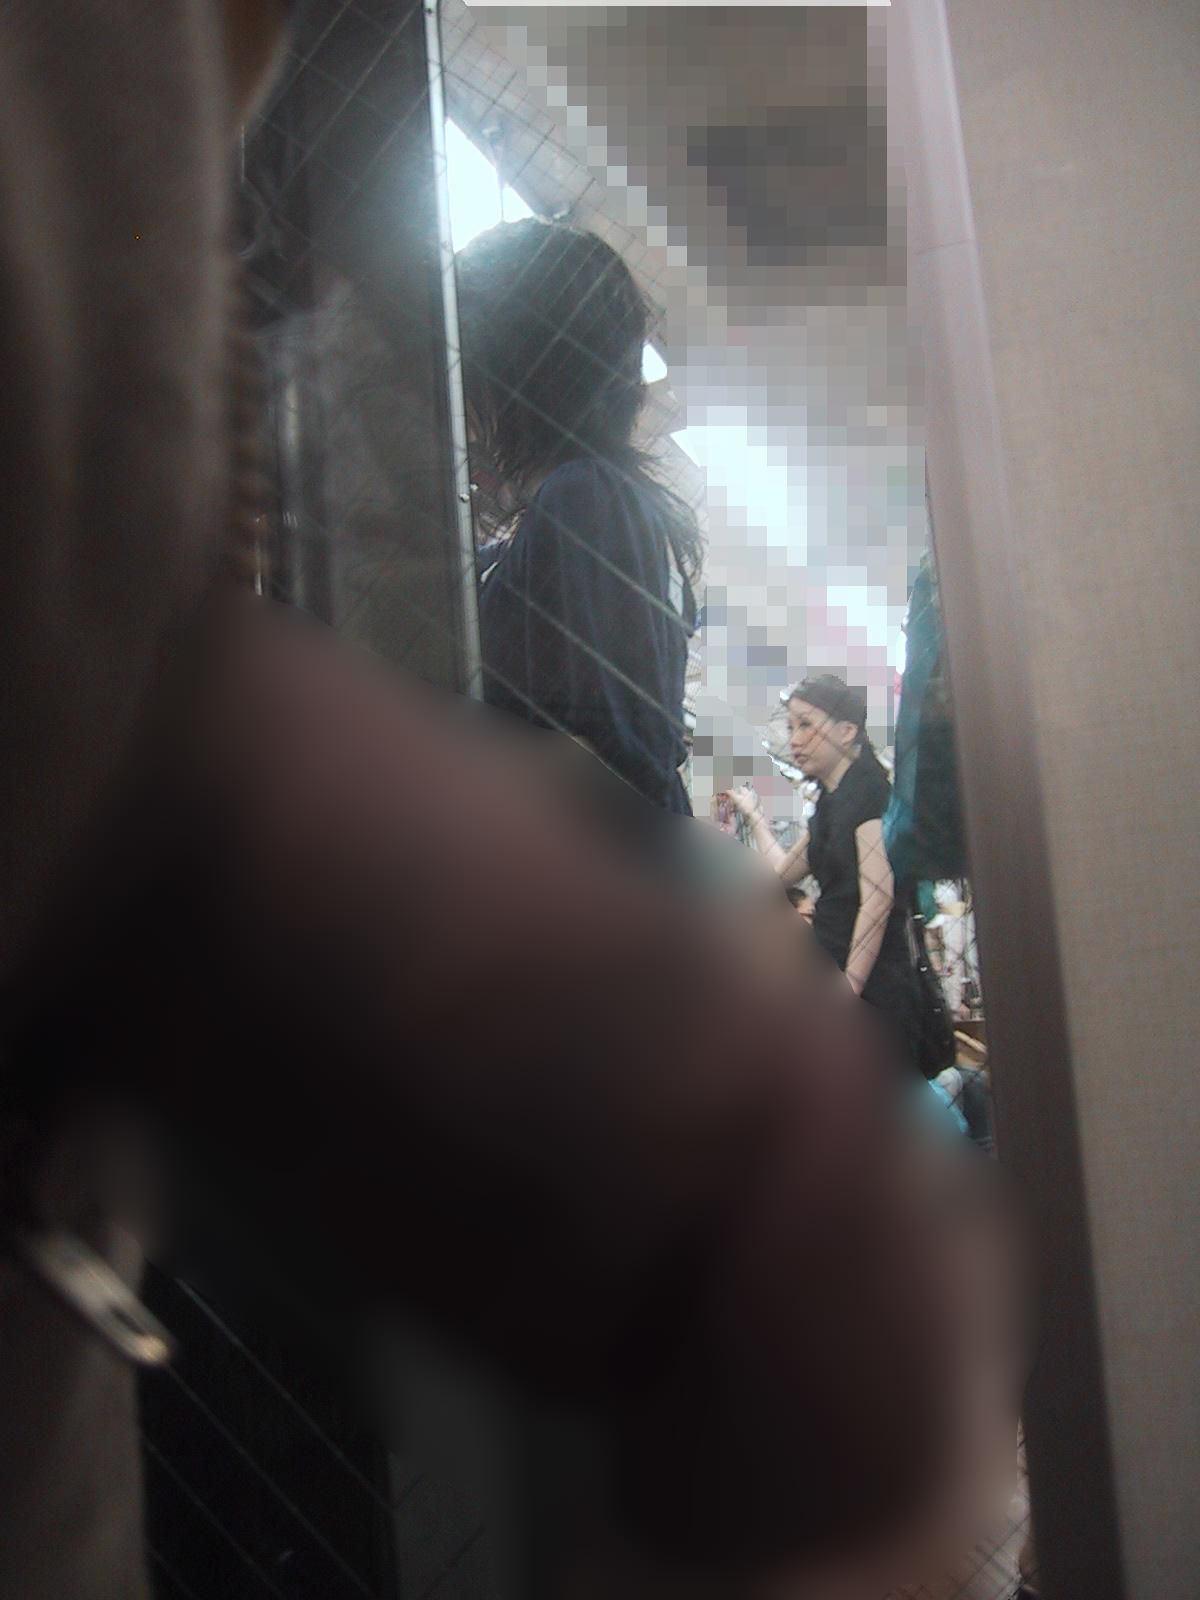 電車でちんこ出して痴漢するガチでヤバい奴現るwwwwwwwwww 0676